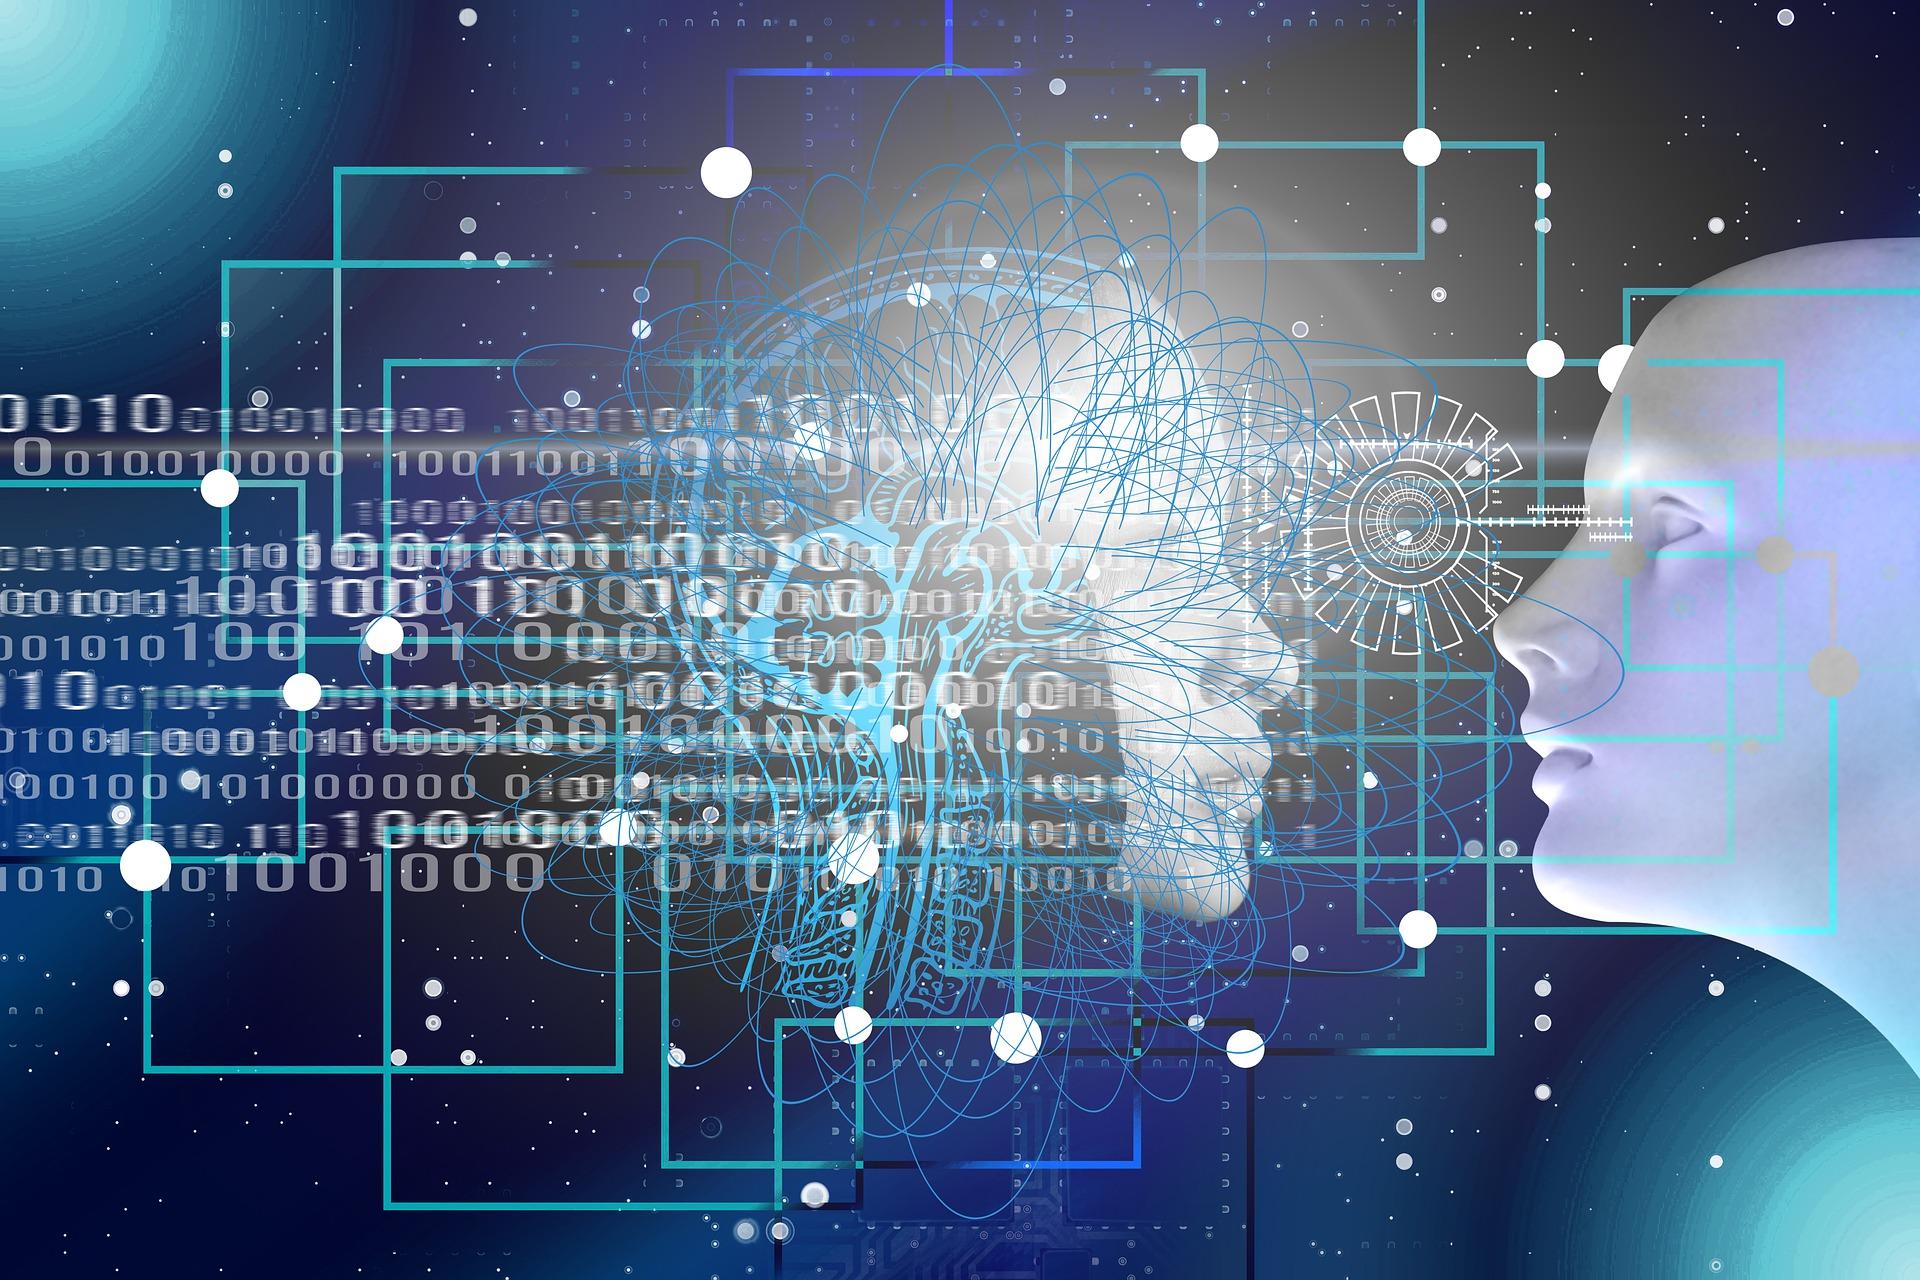 """الصايغ يناقش مستقبل التكنولوجيا الرقمية المالية خلال منتدى """"بو آو"""" الآسيوي 2021"""